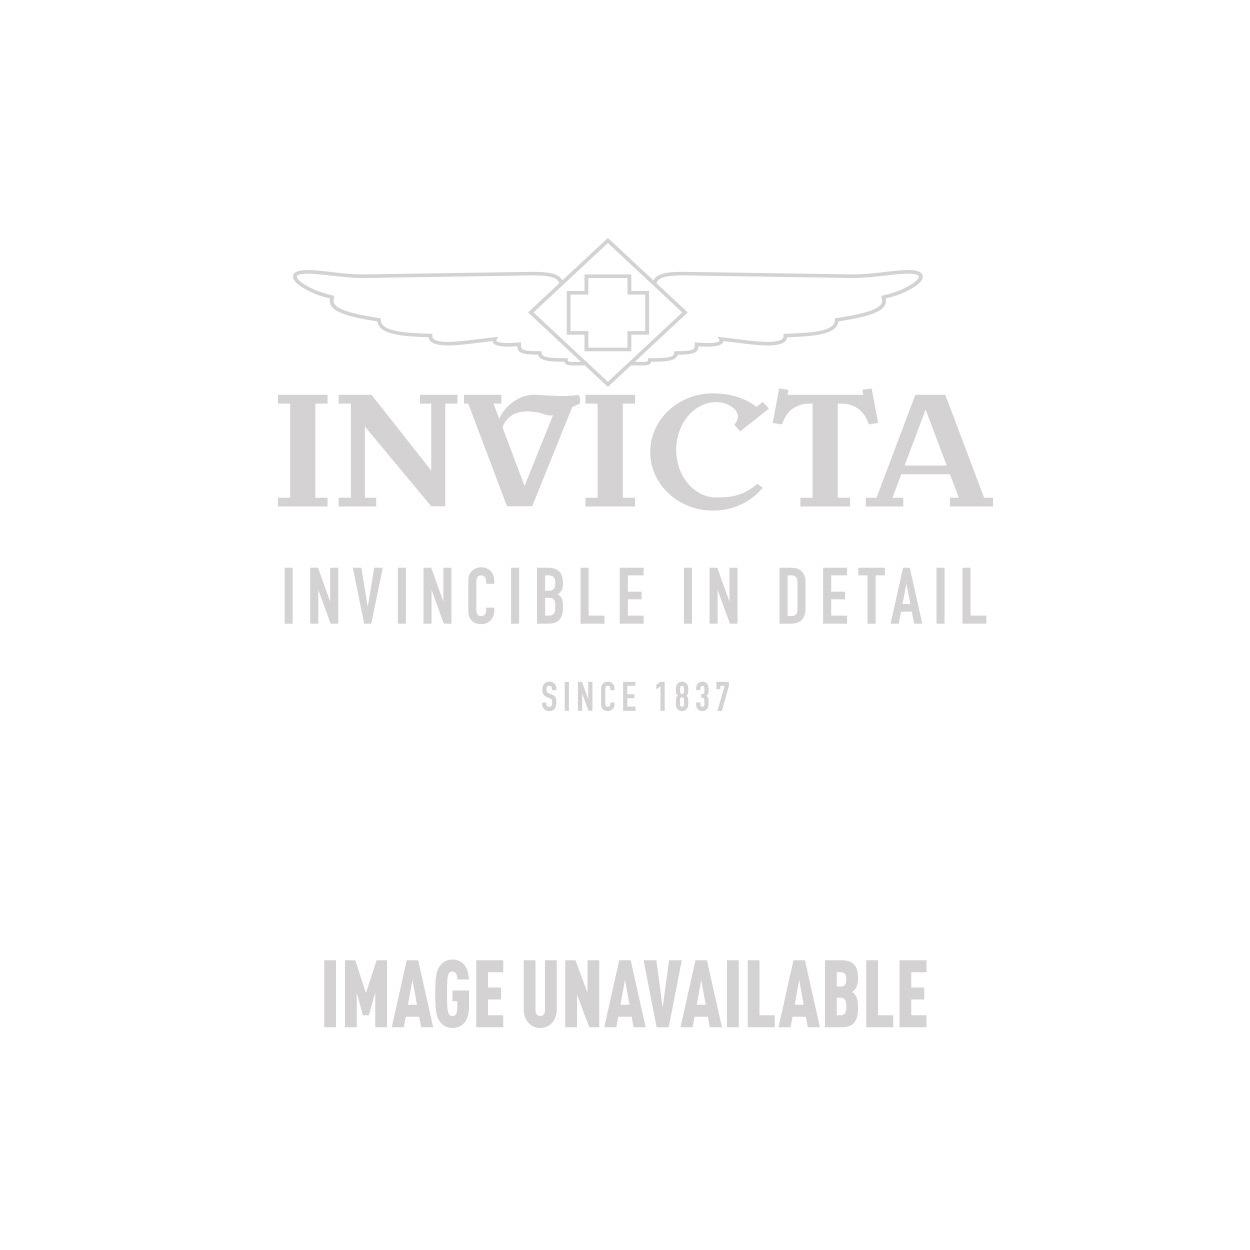 Invicta Model 28288